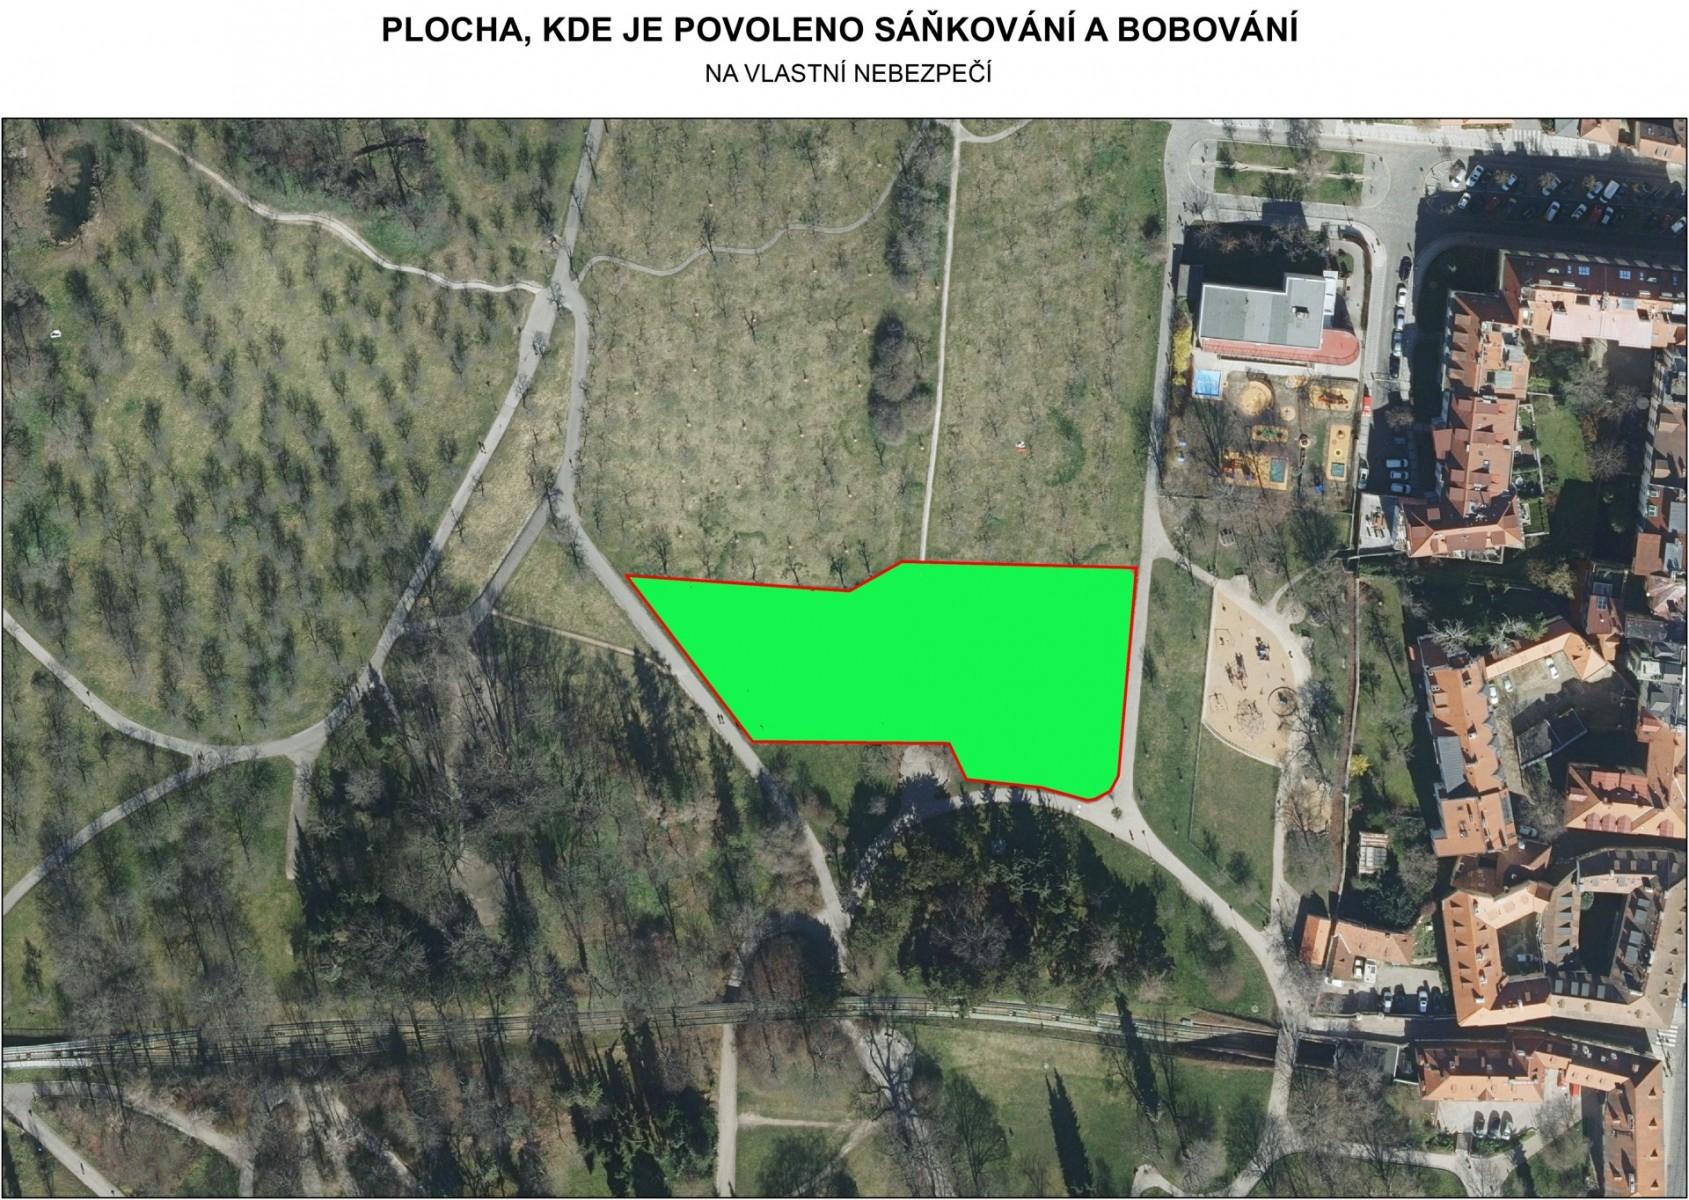 Petřín - plocha na sáňkování